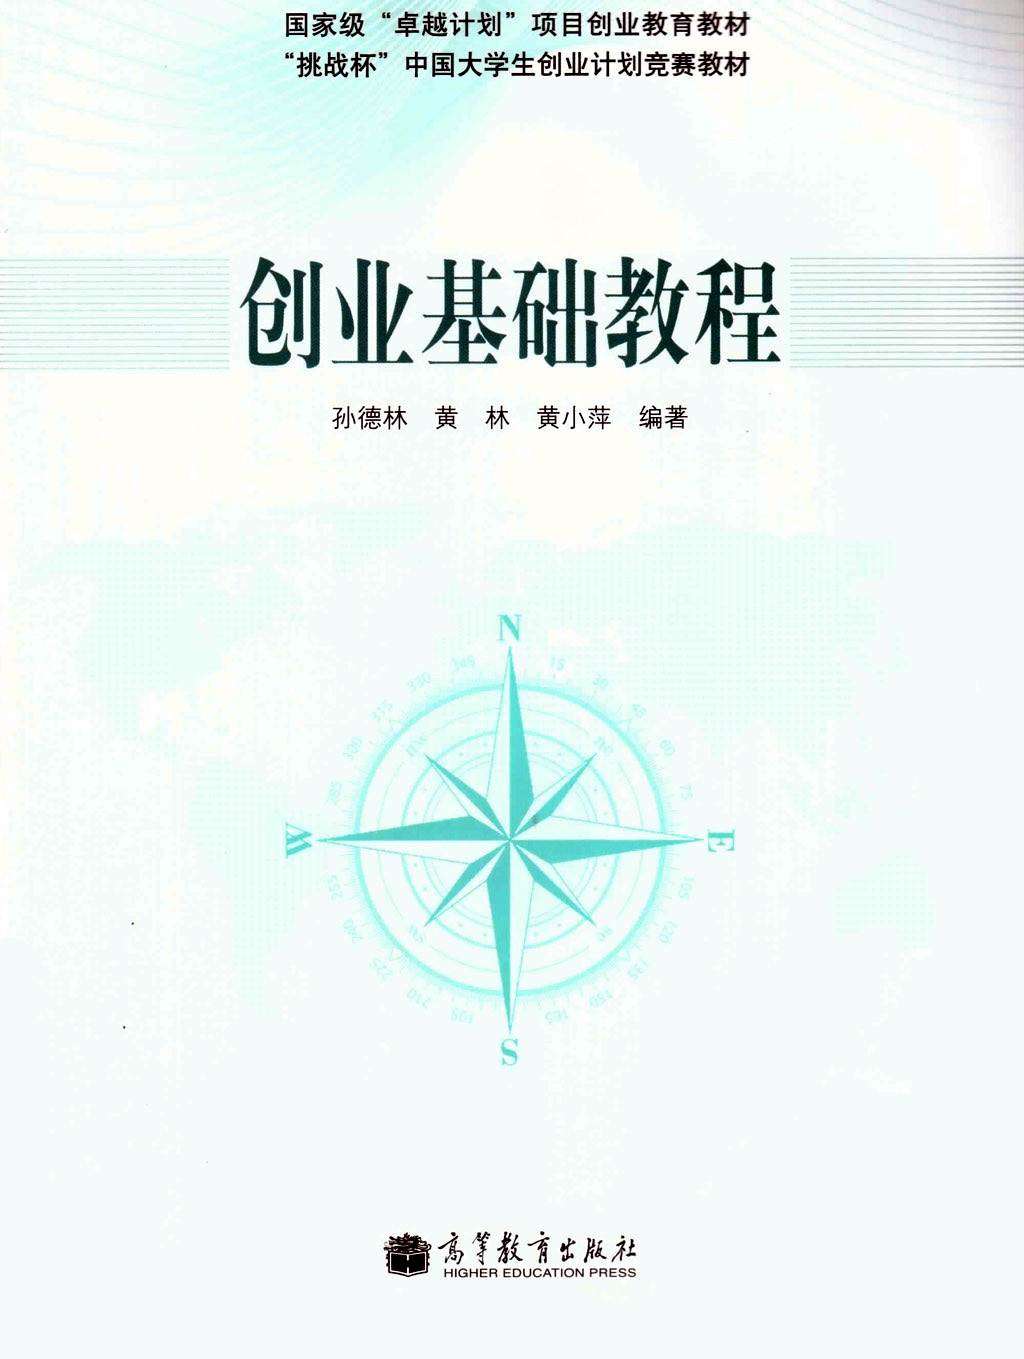 《创业基础教程》由高等教育出版社正式出版